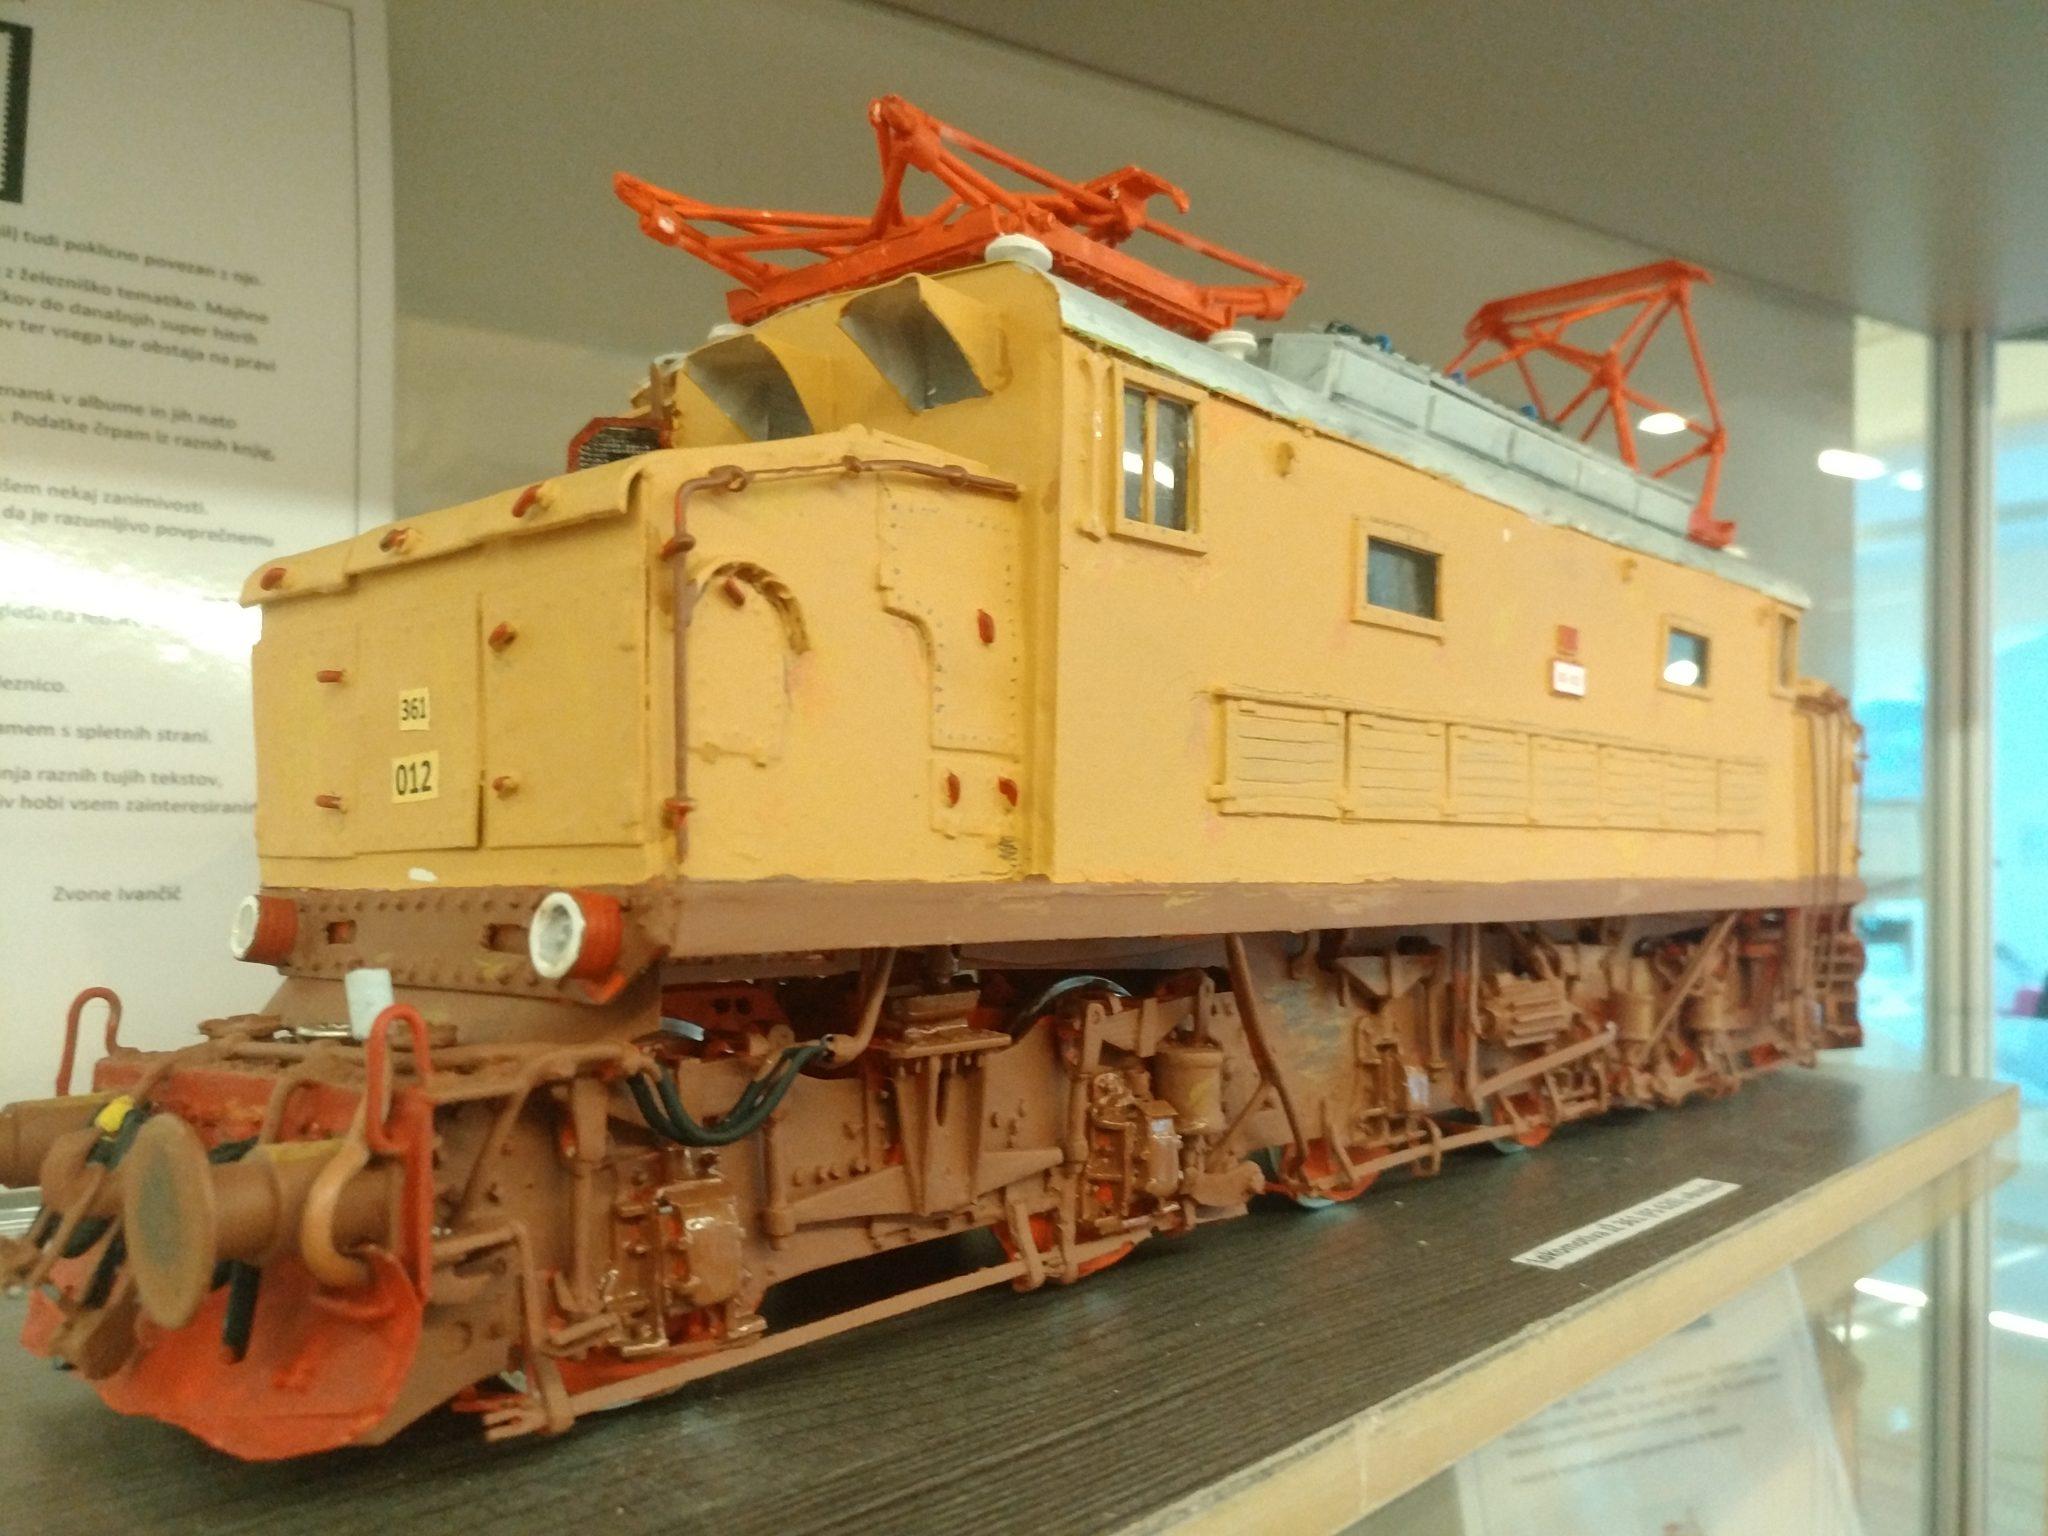 IMG 20181112 110842 - Zvone Ivančič: 160 let južne železnice – razstava maket lokomotiv in izbora znamk